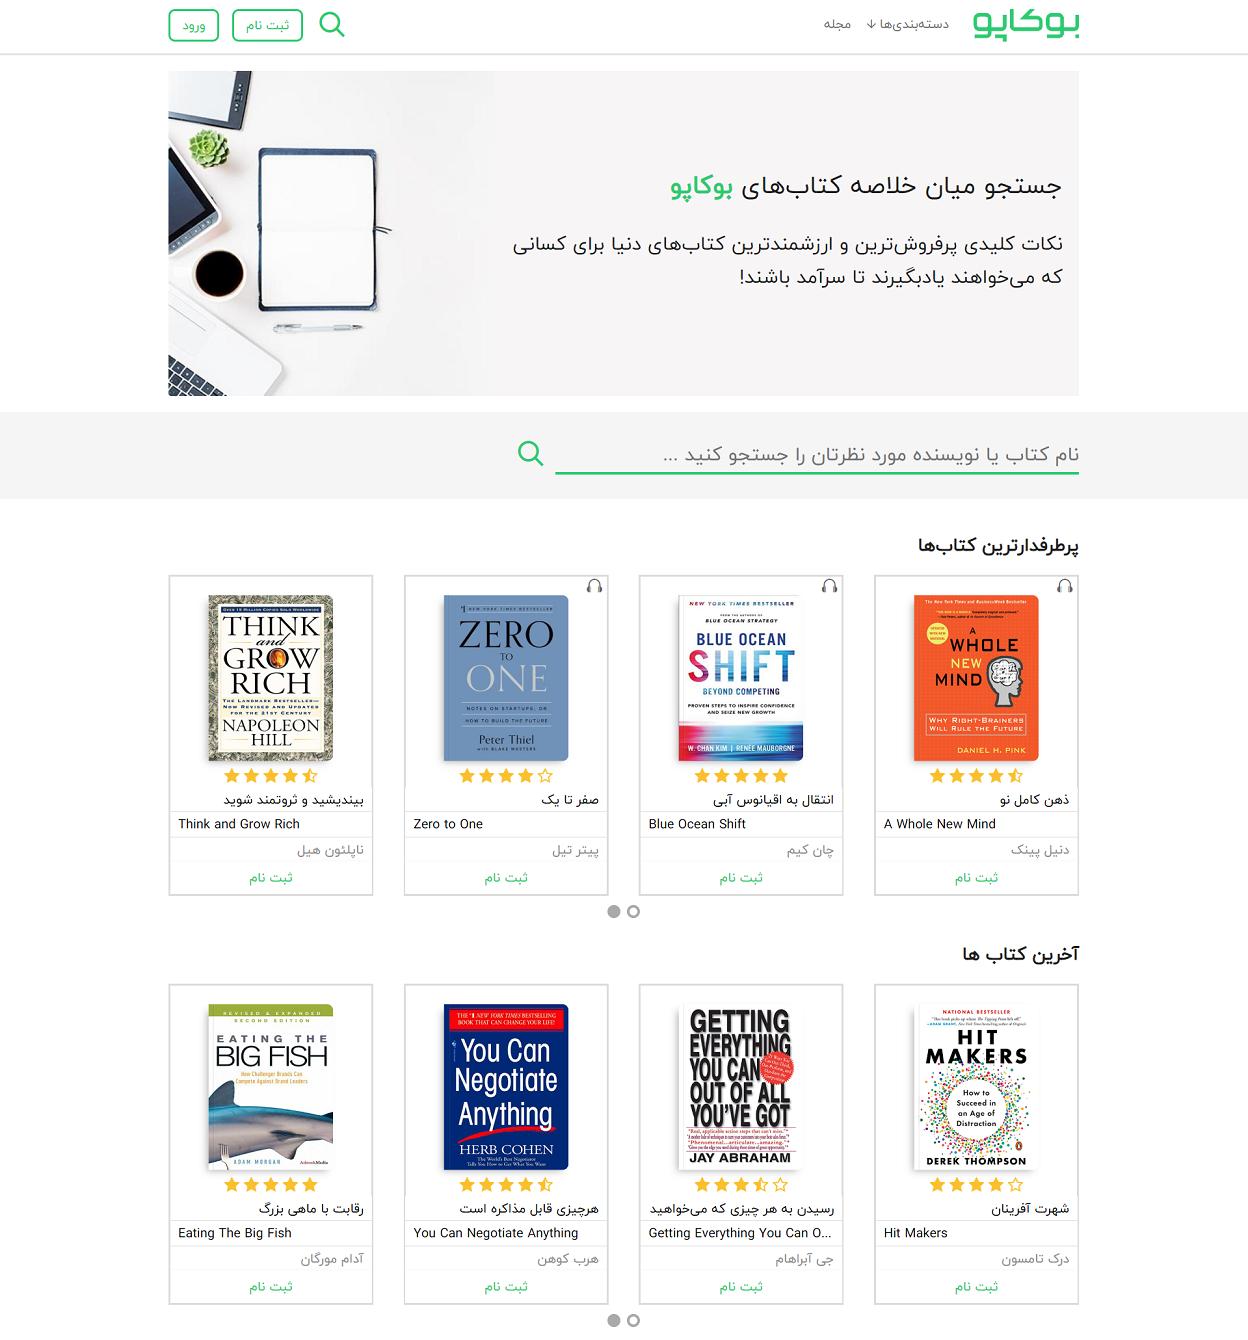 خلاصه کتاب در وبسایت بوکاپو